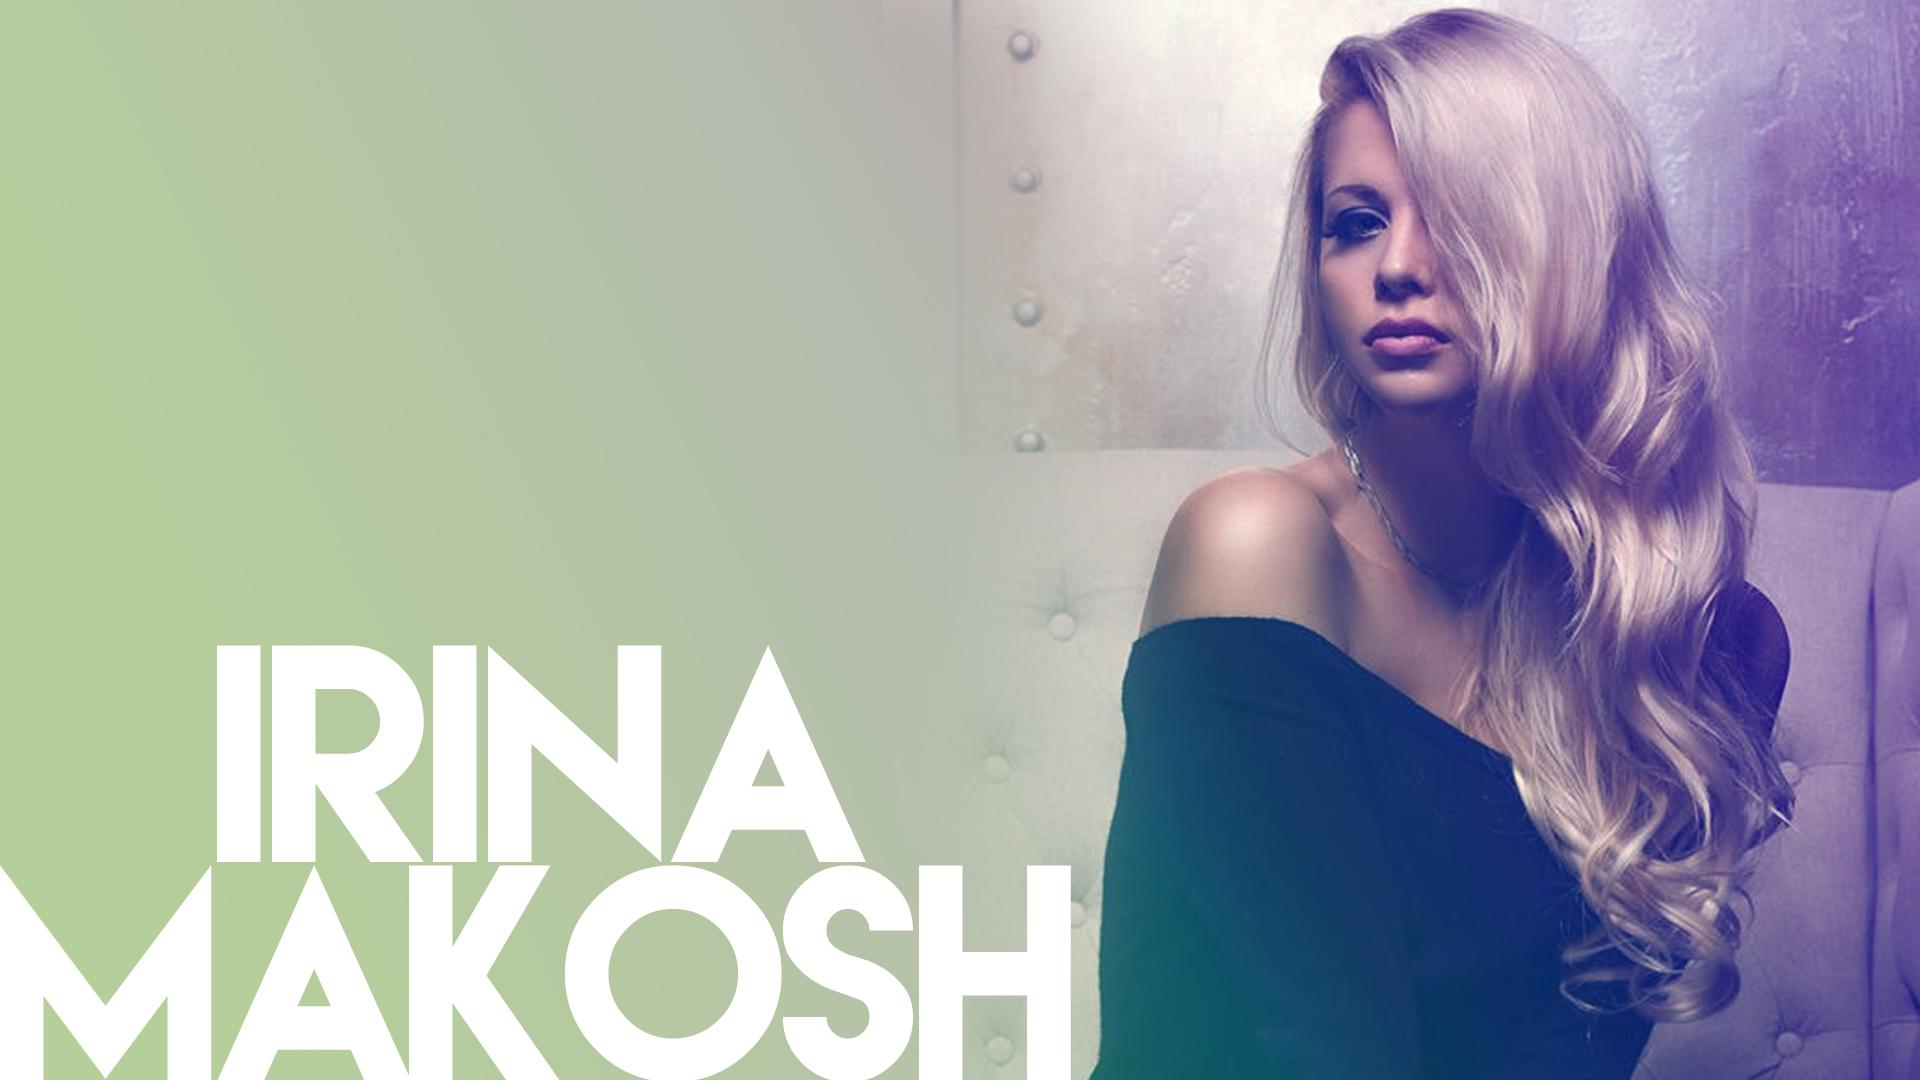 Irina makosh 2